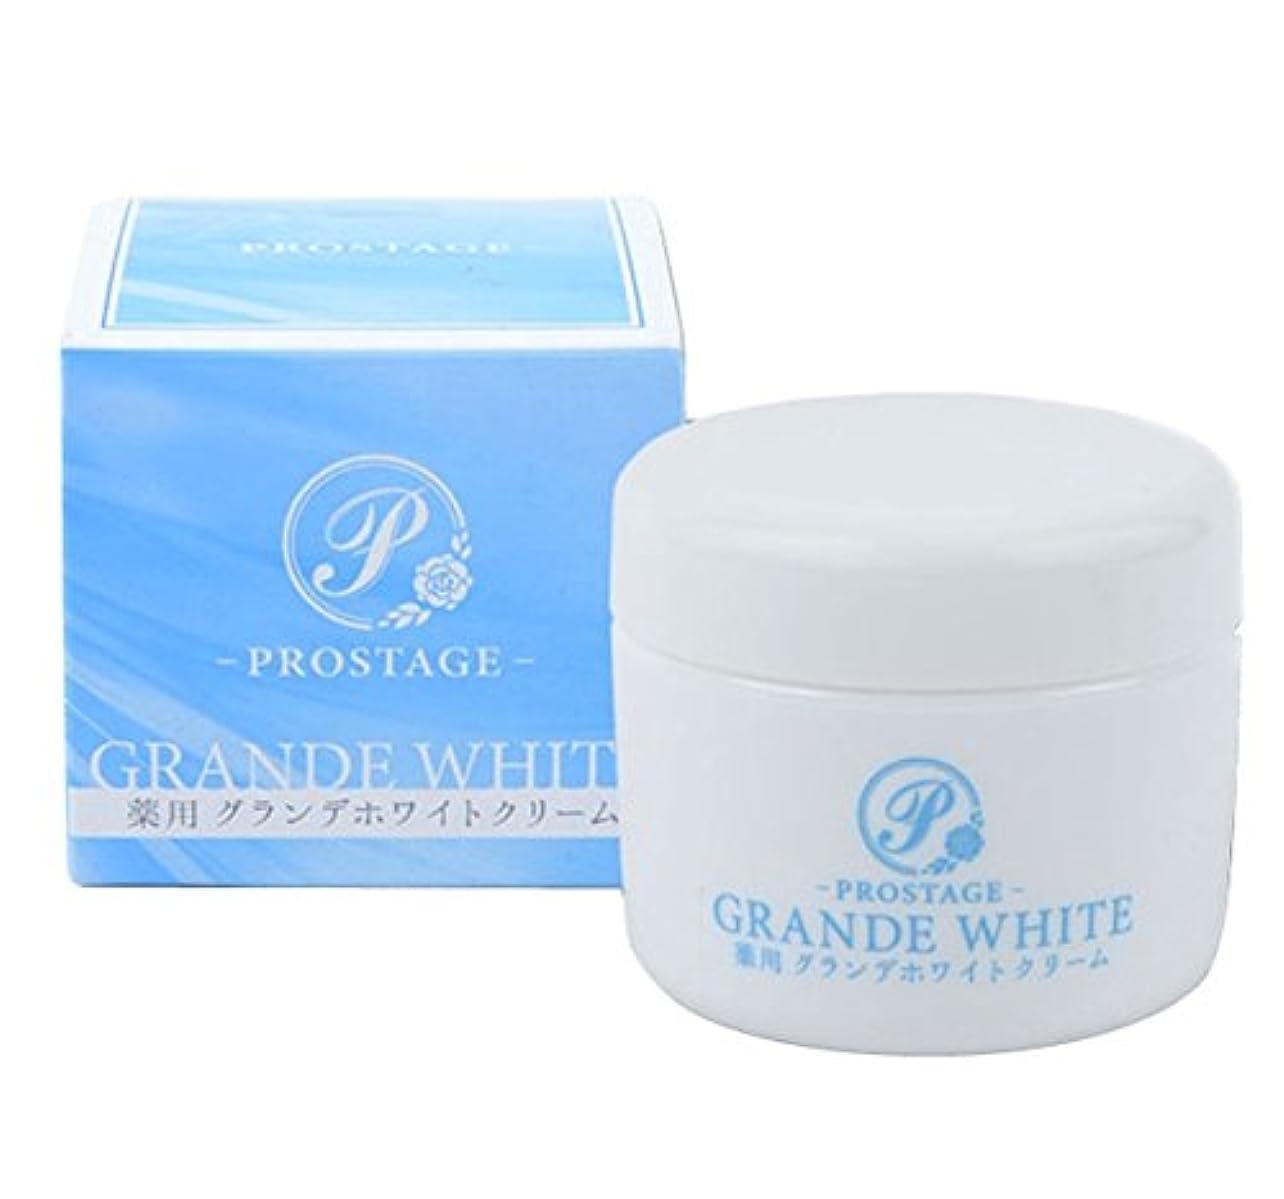 うなり声コジオスコうなり声薬用グランデホワイトクリーム PROSTAGE ホワイトニングクリーム 大容量80g (1個)